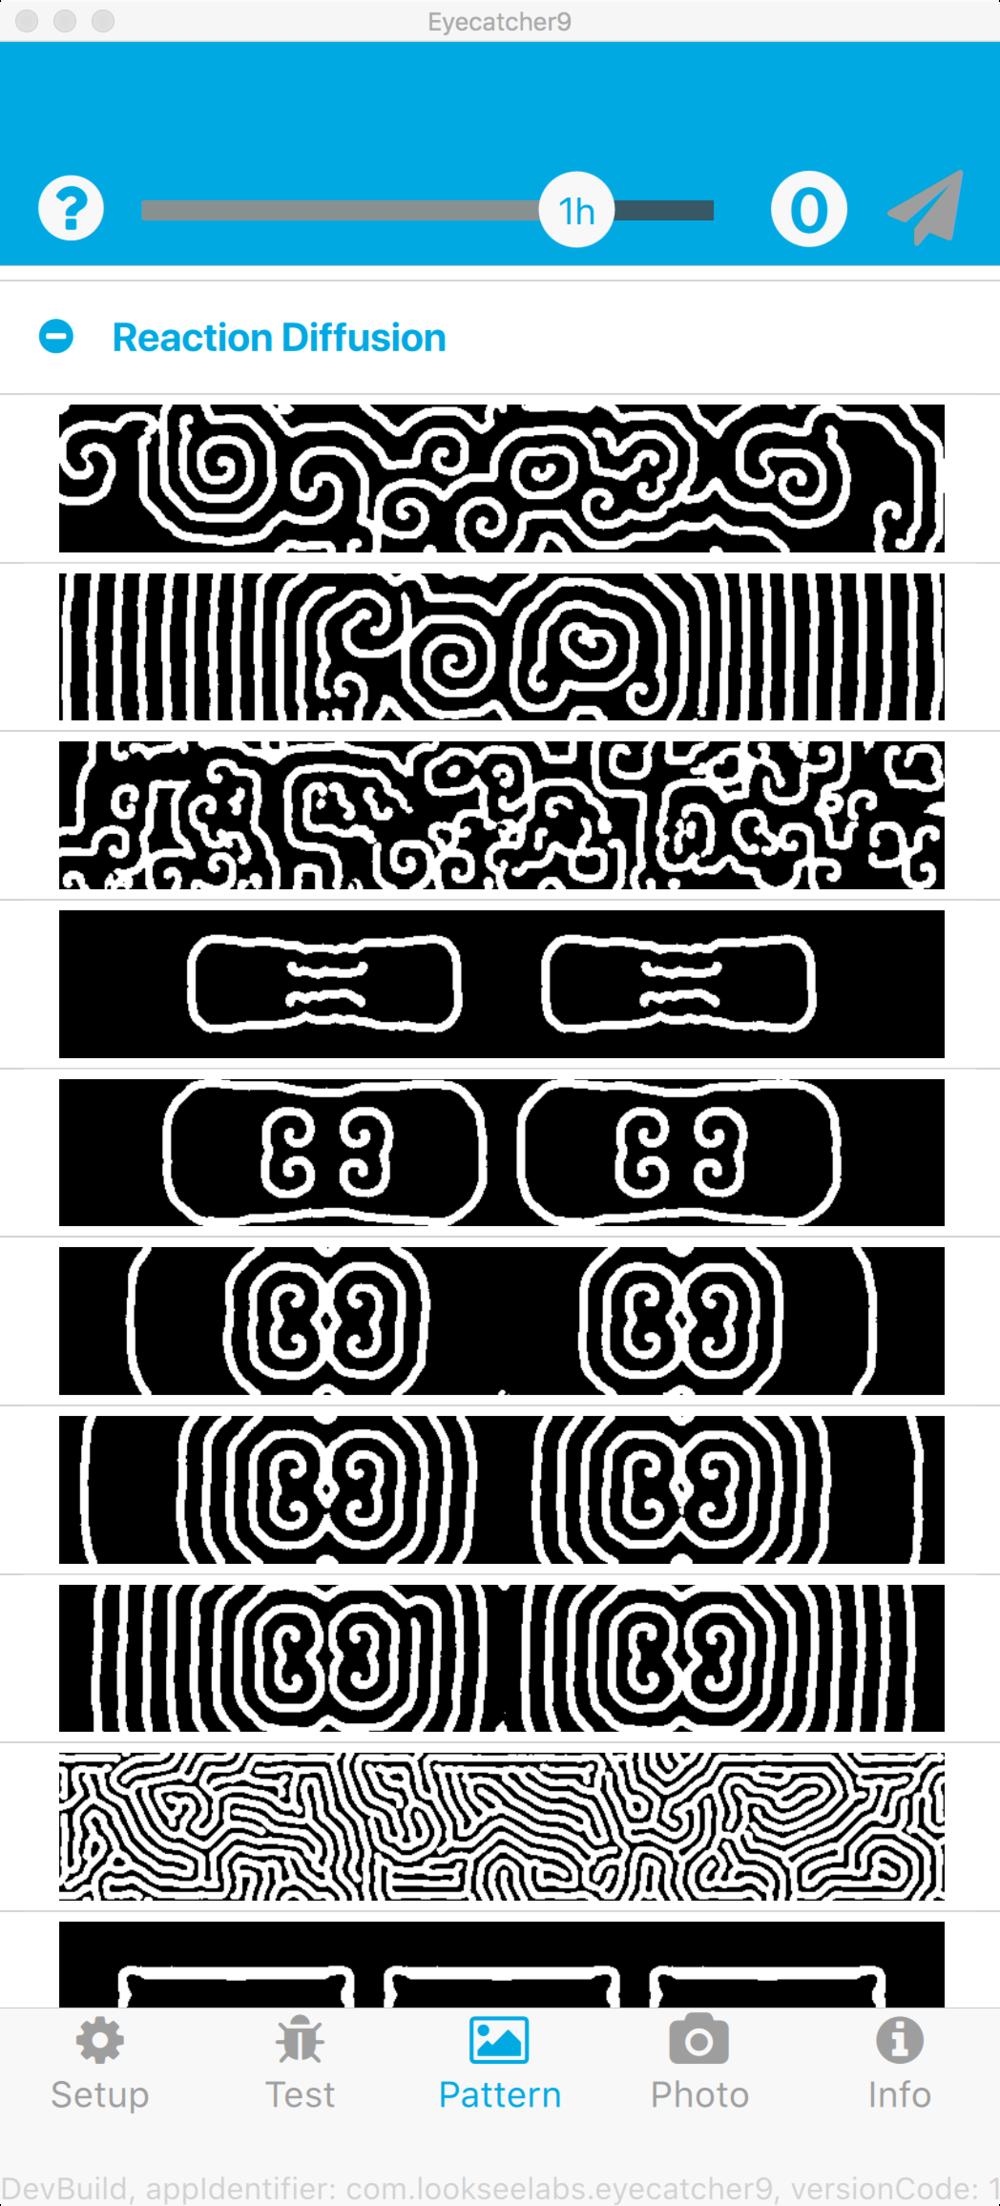 Bio-inspired Turing patterns